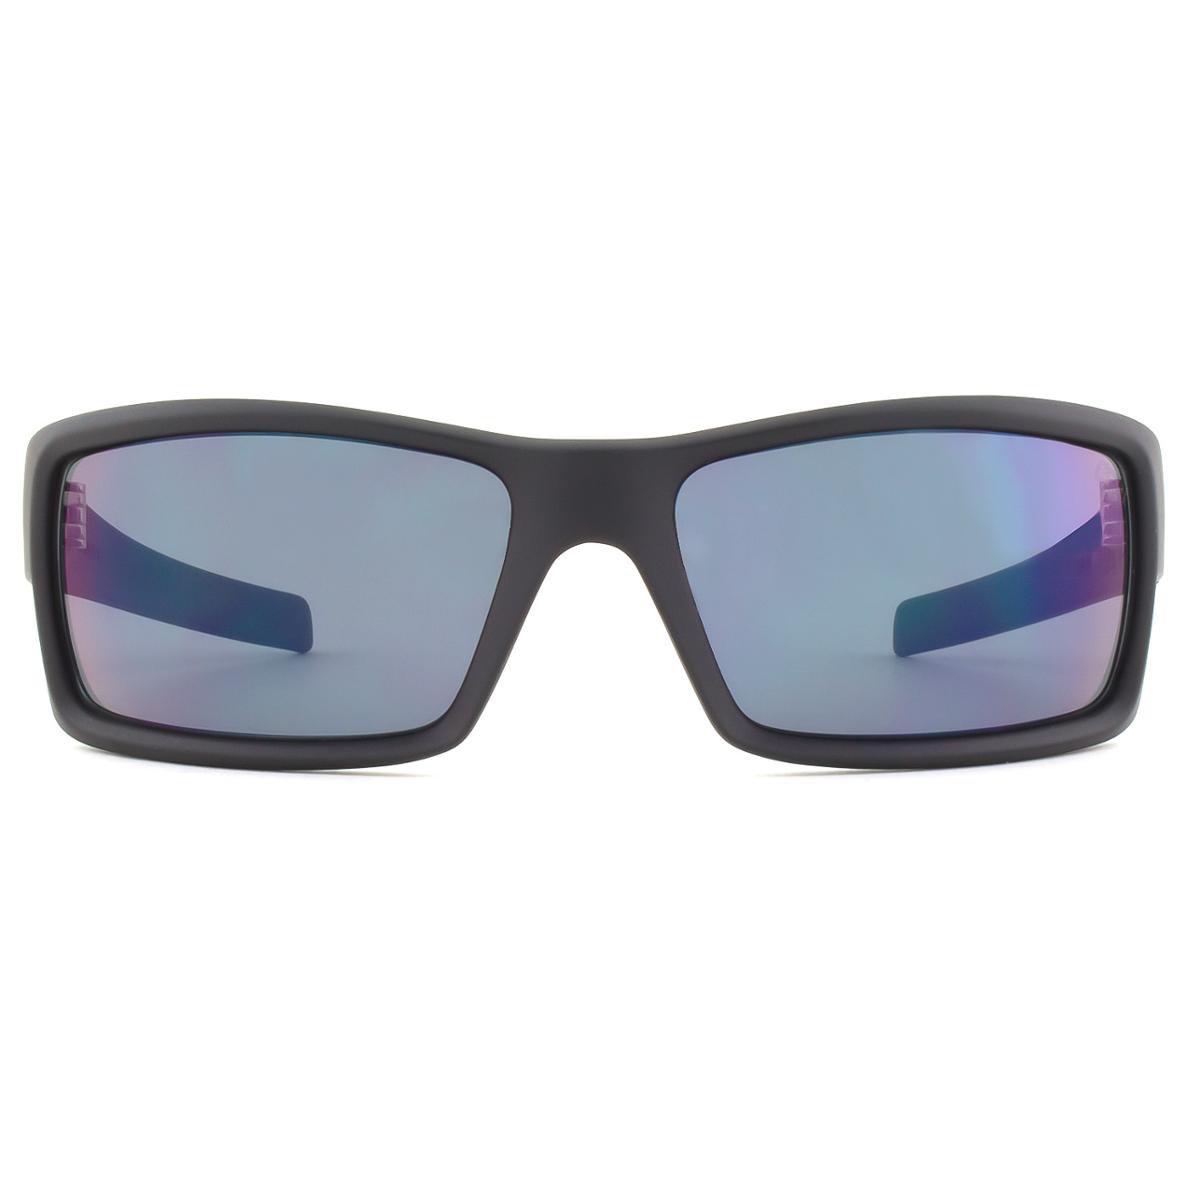 895e435e2cf8d Óculos HB Riot 90081 00187 - Compre Agora   Netshoes